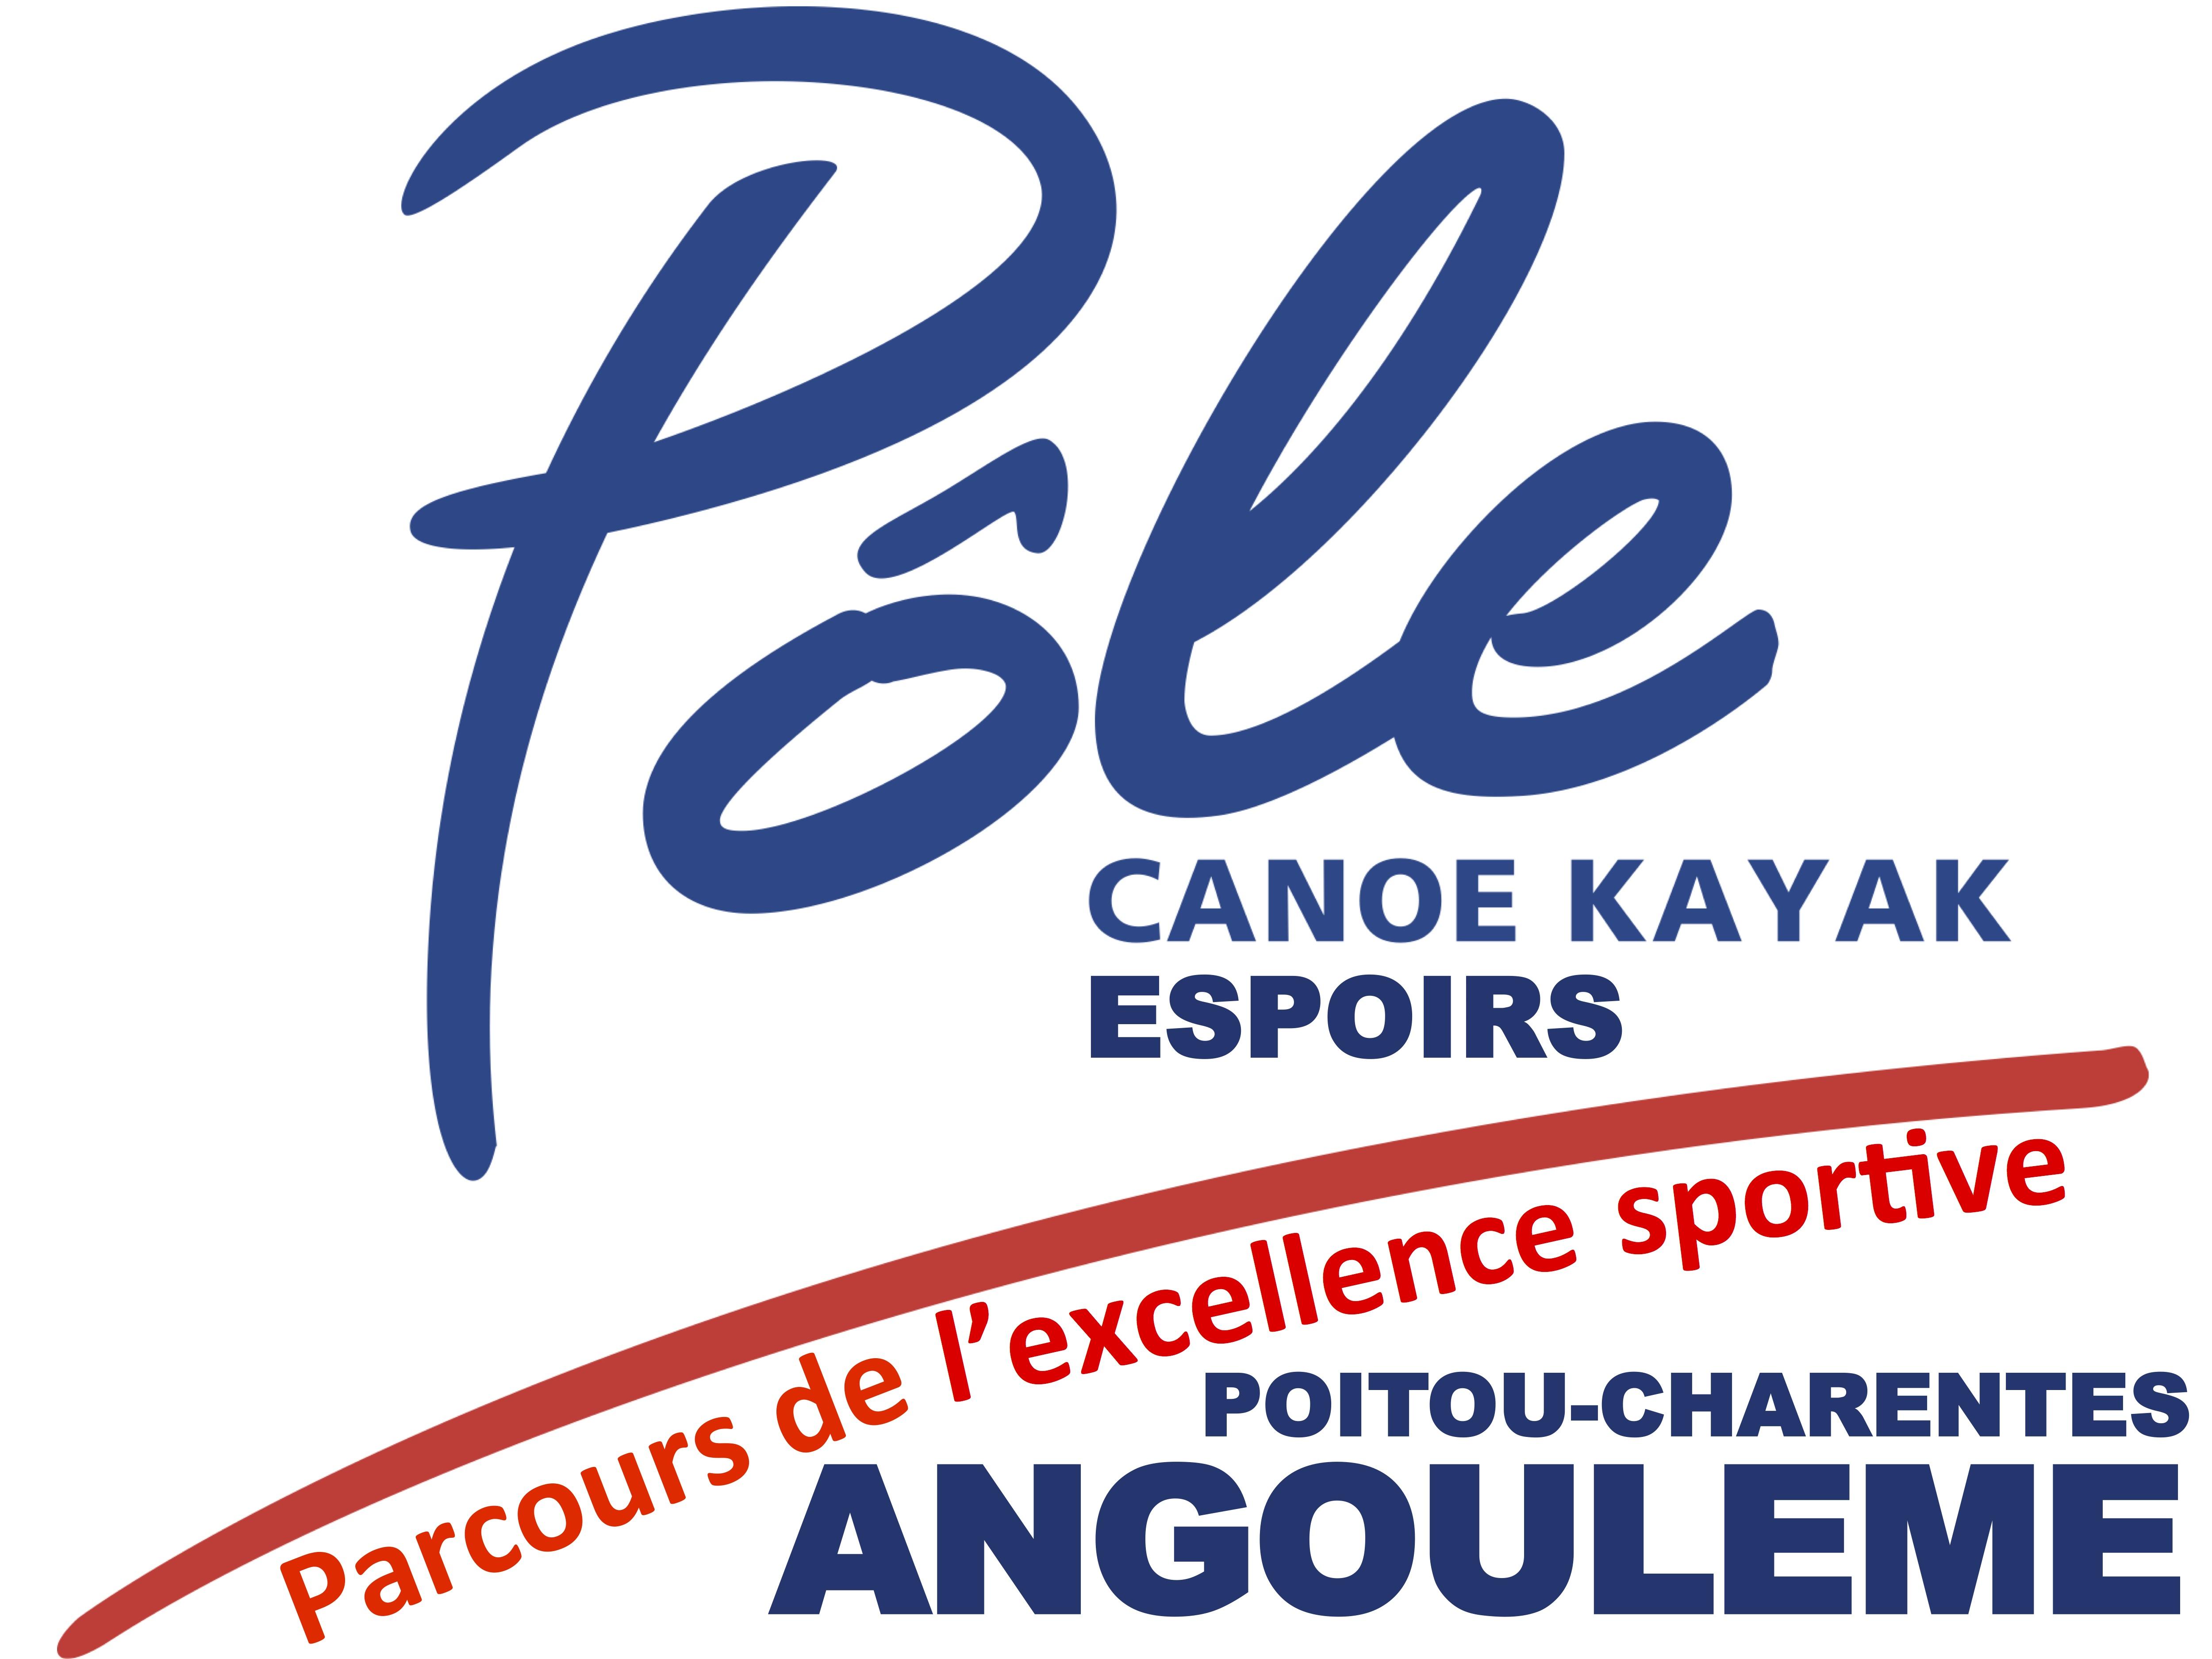 PRÉ-TESTS DU PARCOURS DE L'EXCELLENCE SPORTIVE – 12 février 2020 – Angoulême